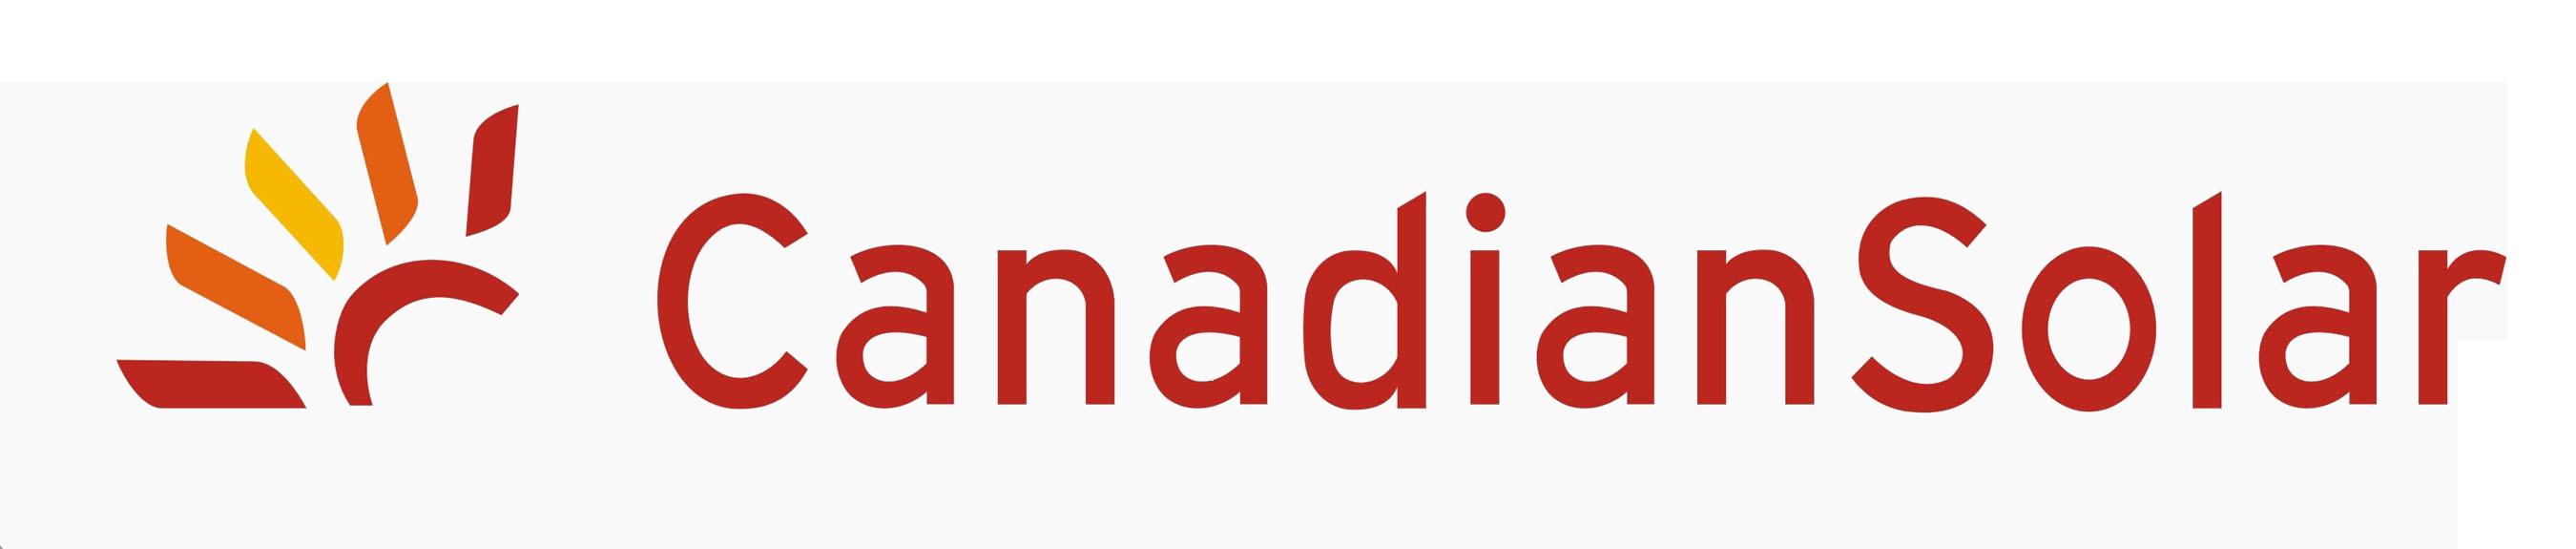 Module24 Partner Canadian Solar Logo